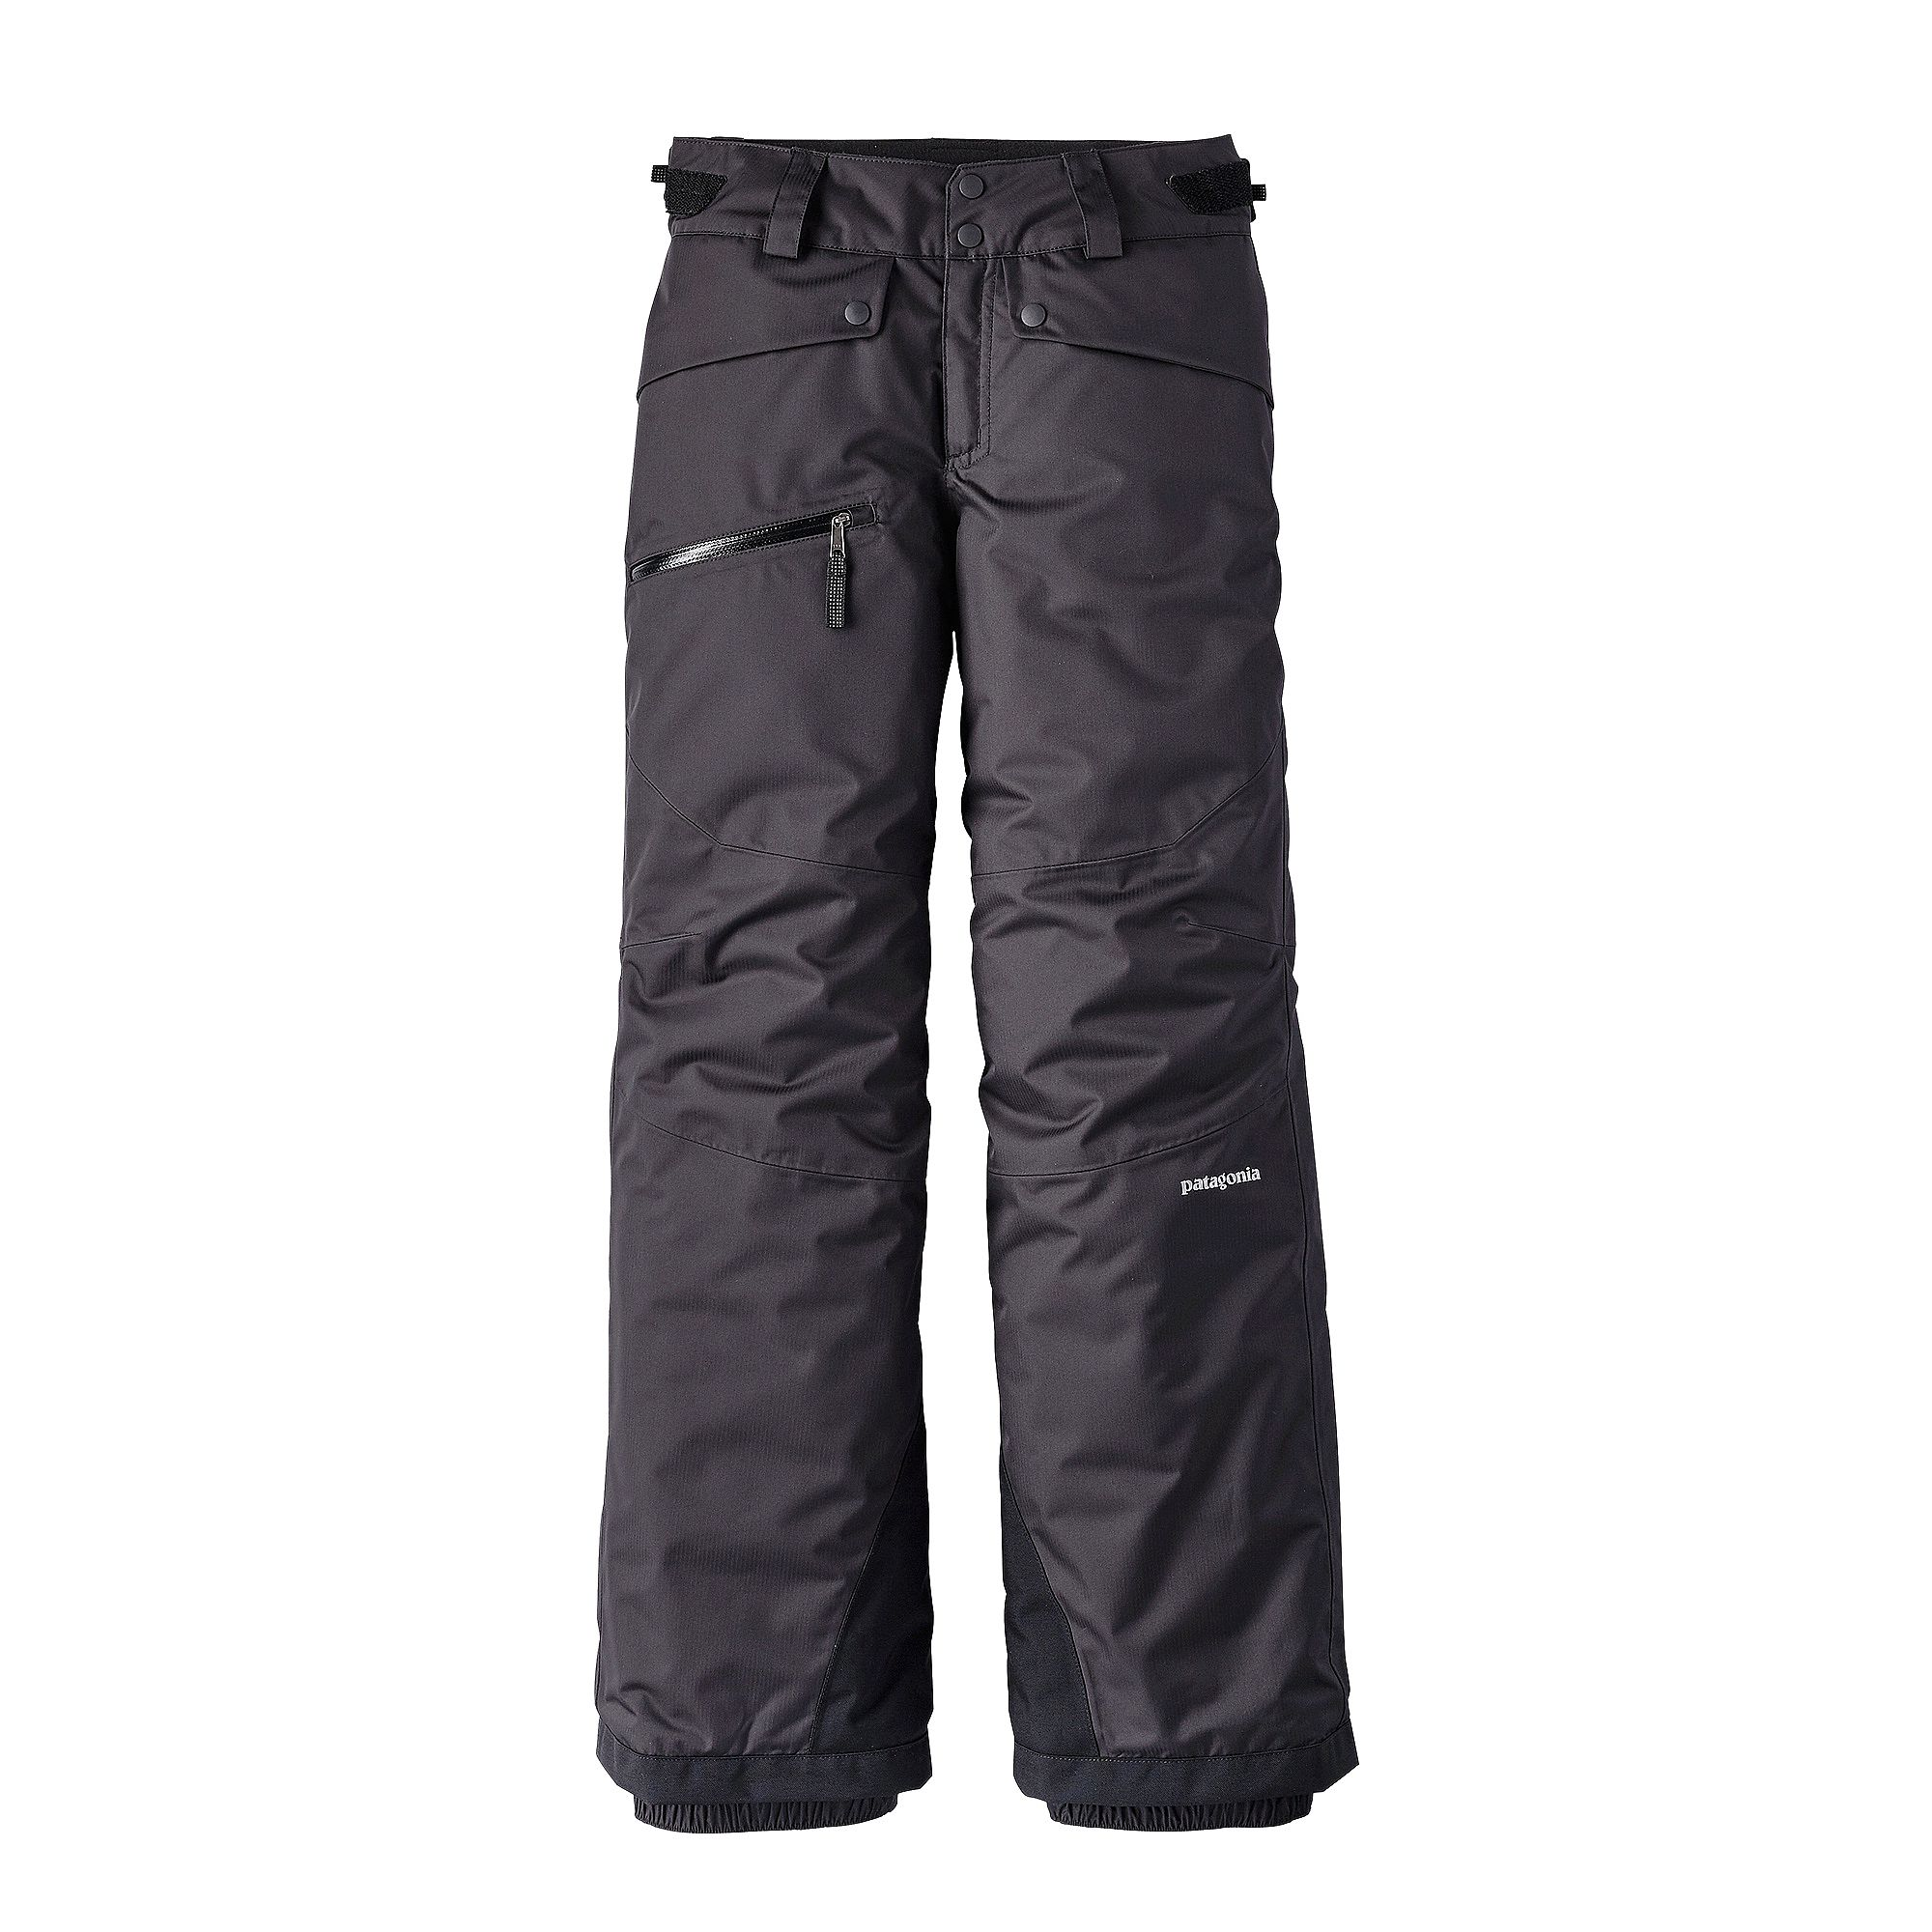 Patagonia Girls' Snowbelle Pants